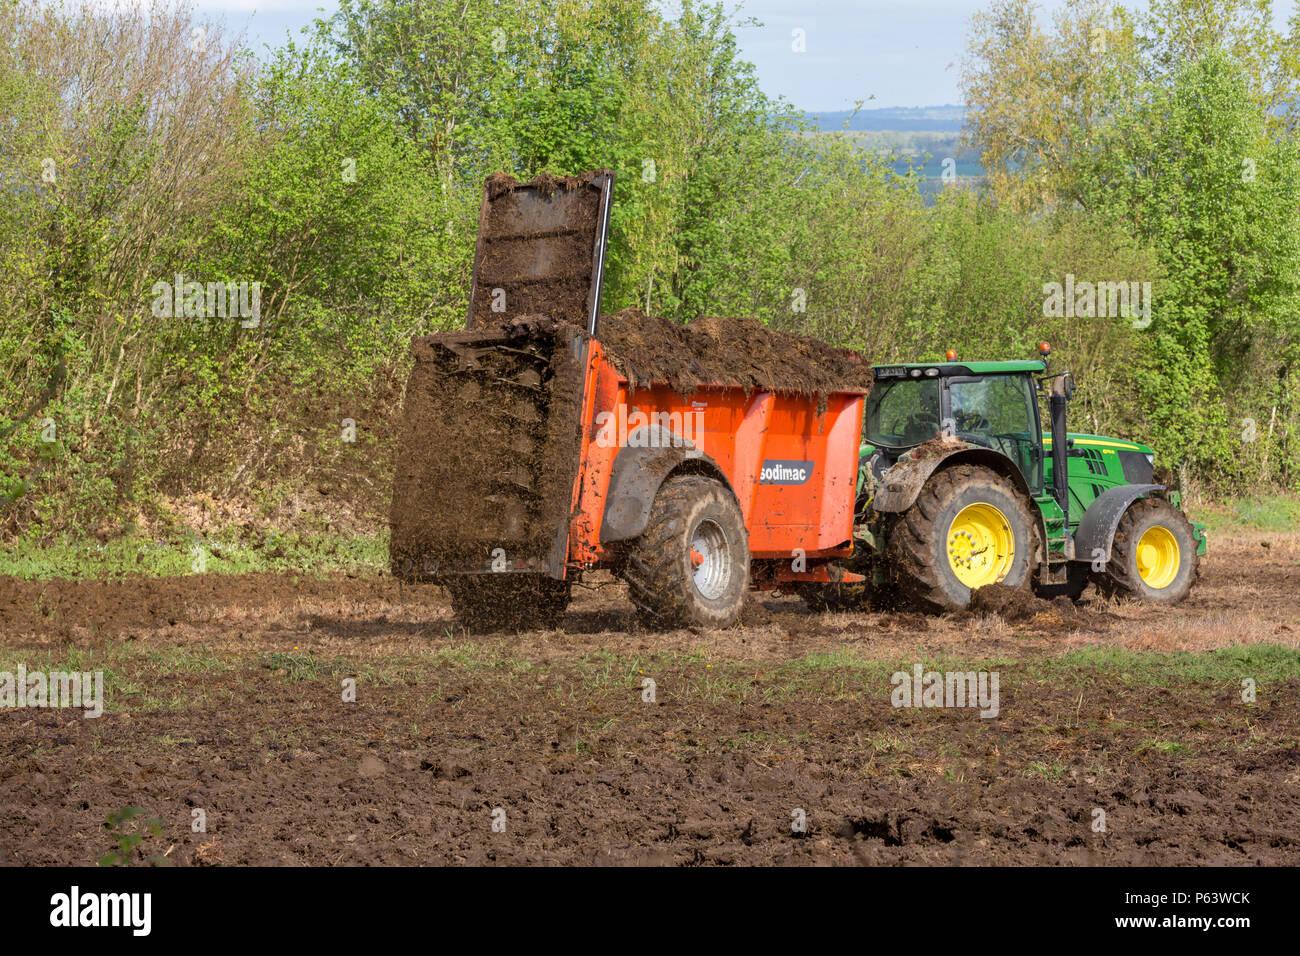 Un agricoltore usando un dispersore per letame dietro il suo trattore per diffondere una miscela organica di letame e di fieno sul suo terreno per la fecondazione. Immagini Stock